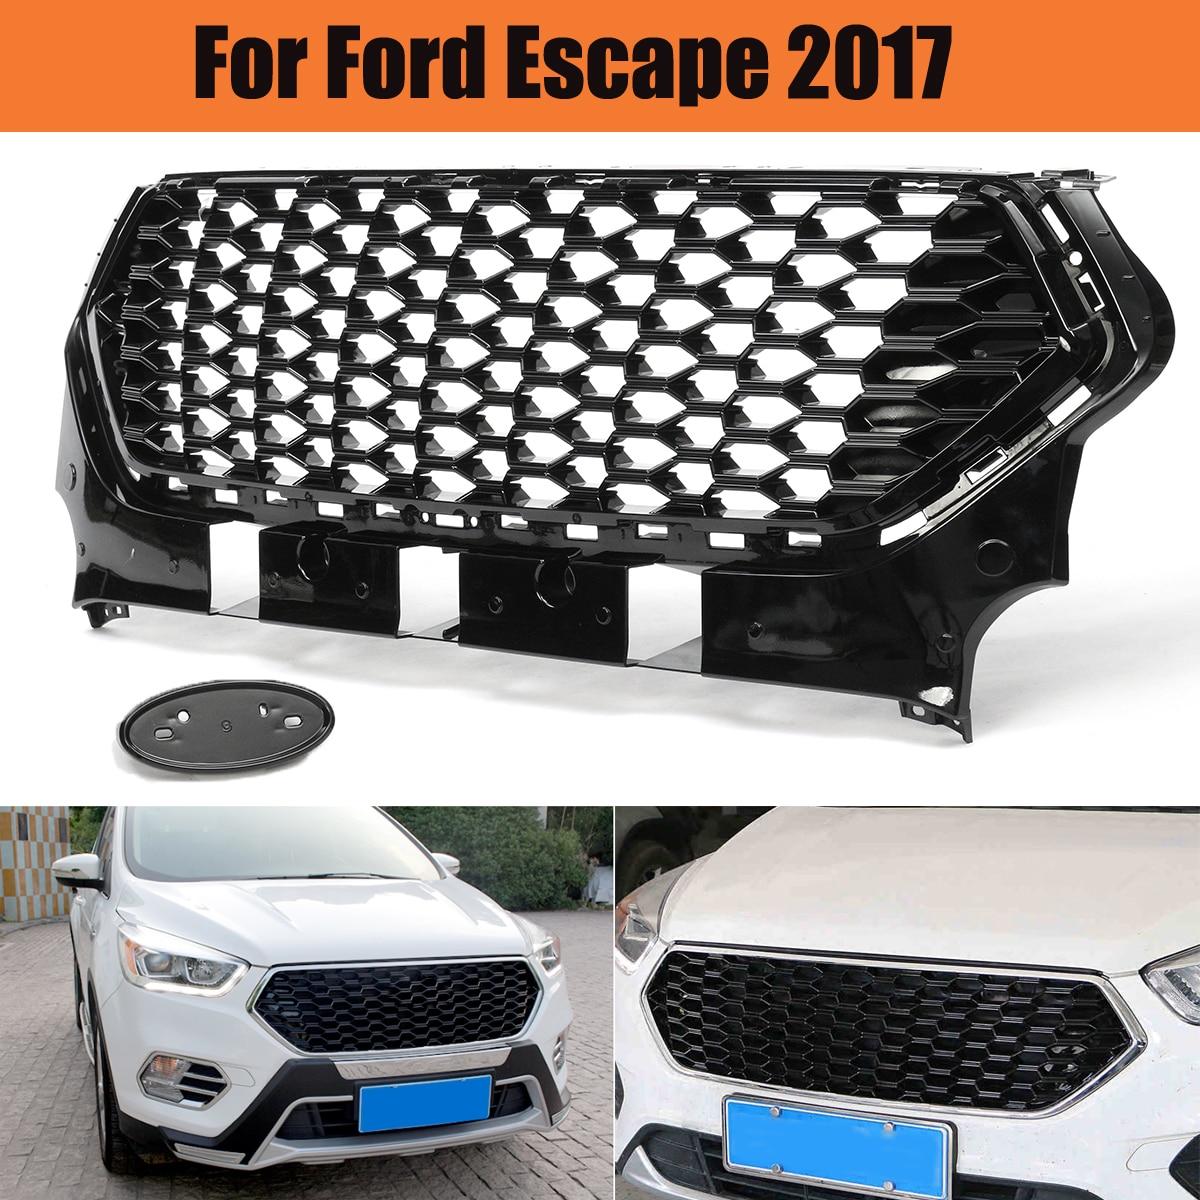 Autoleader Noir Brillant Double Honeycomb Style Pare-chocs Avant Grille 110x40 cm Racing Grills Remplacement pour Ford pour Échapper 2017